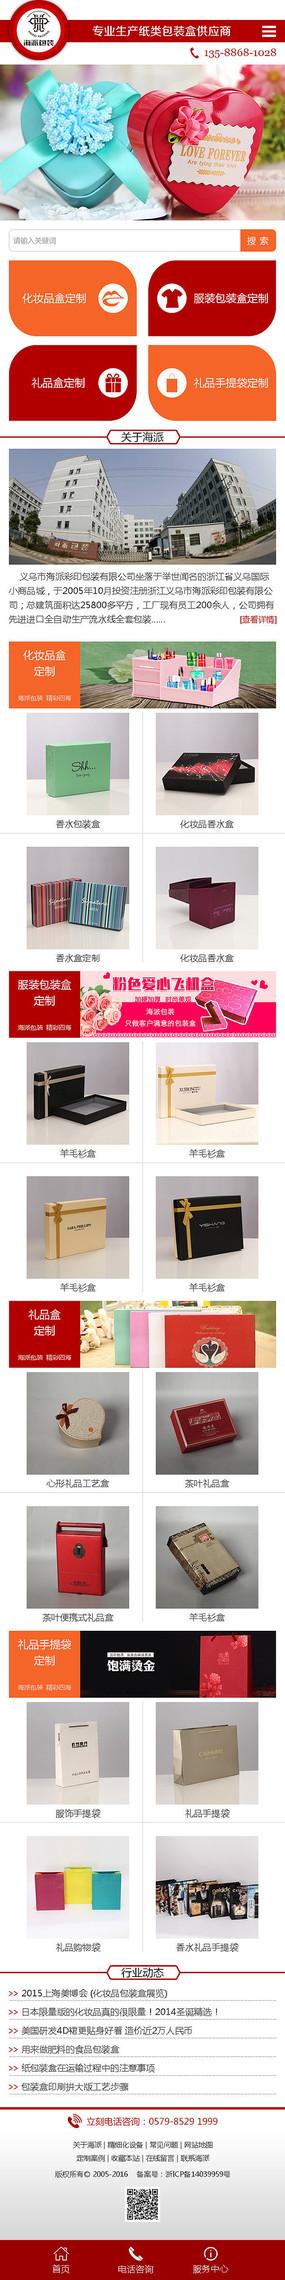 包装企业手机网站模板